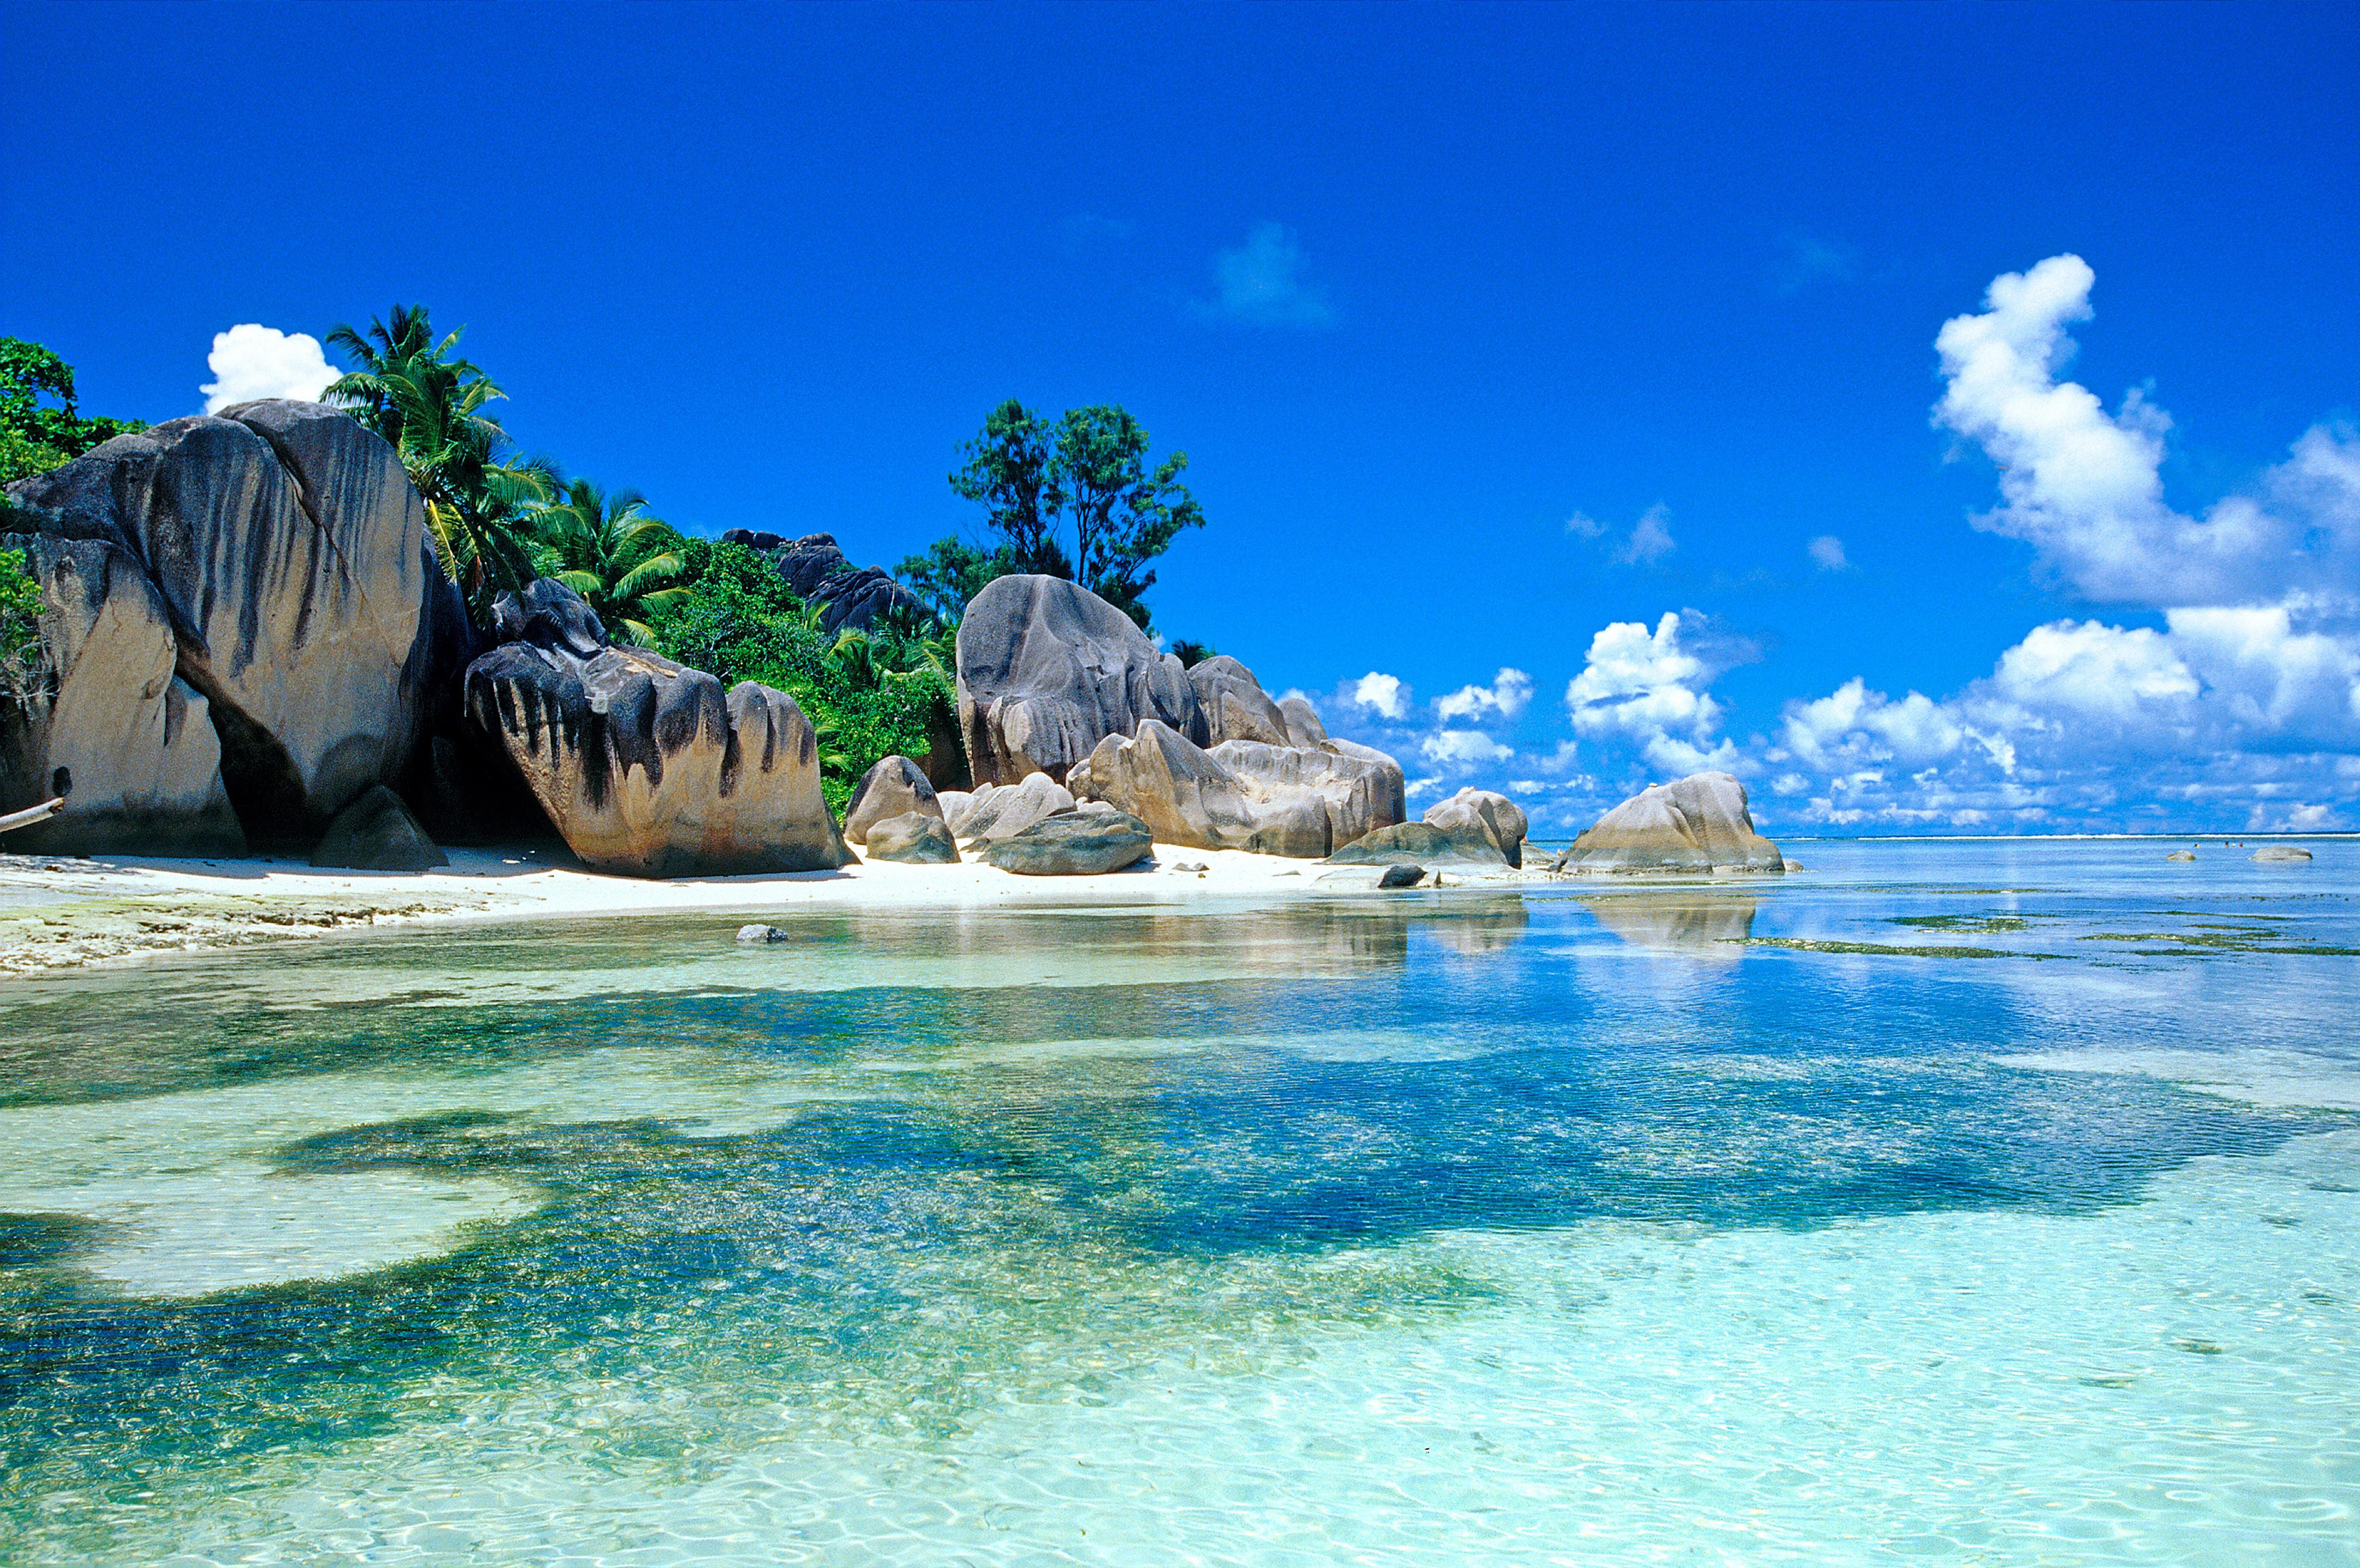 море остров небо камни  № 1034241 загрузить